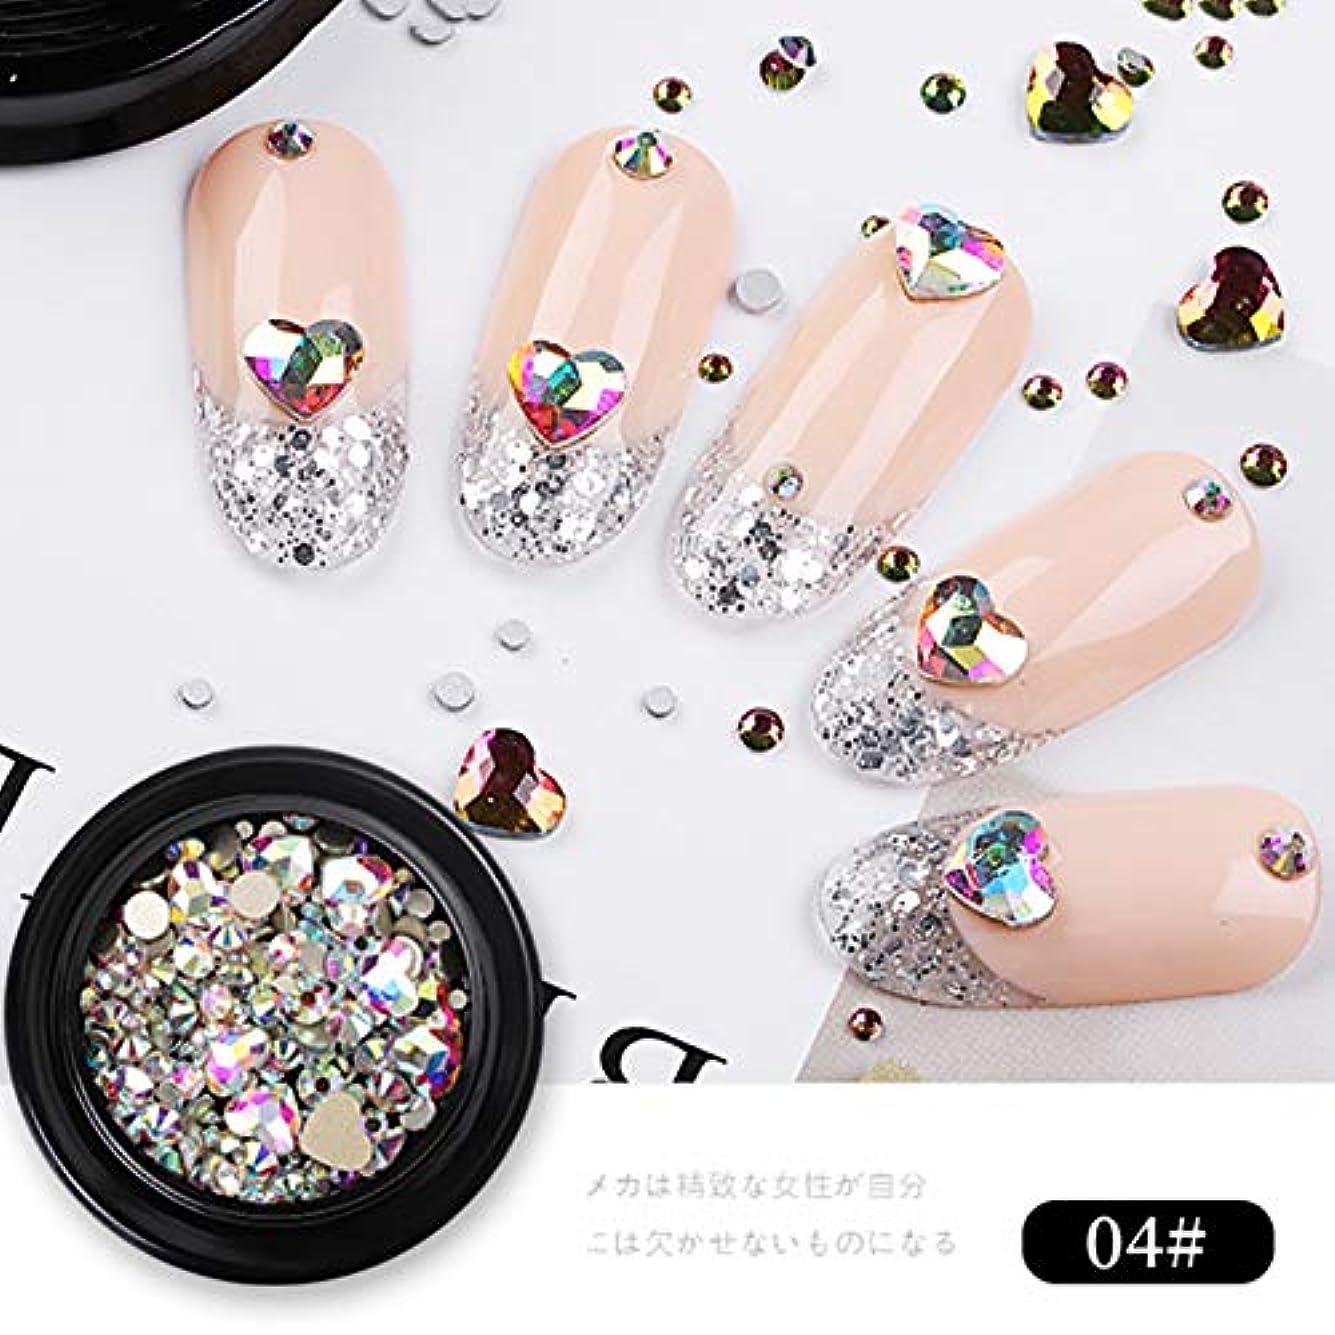 たとえプログレッシブ征服するLucoss 女性美しい光沢のあるダイヤモンドジュエリー装飾ネイルチップDIYファッションマニキュアアクセサリー